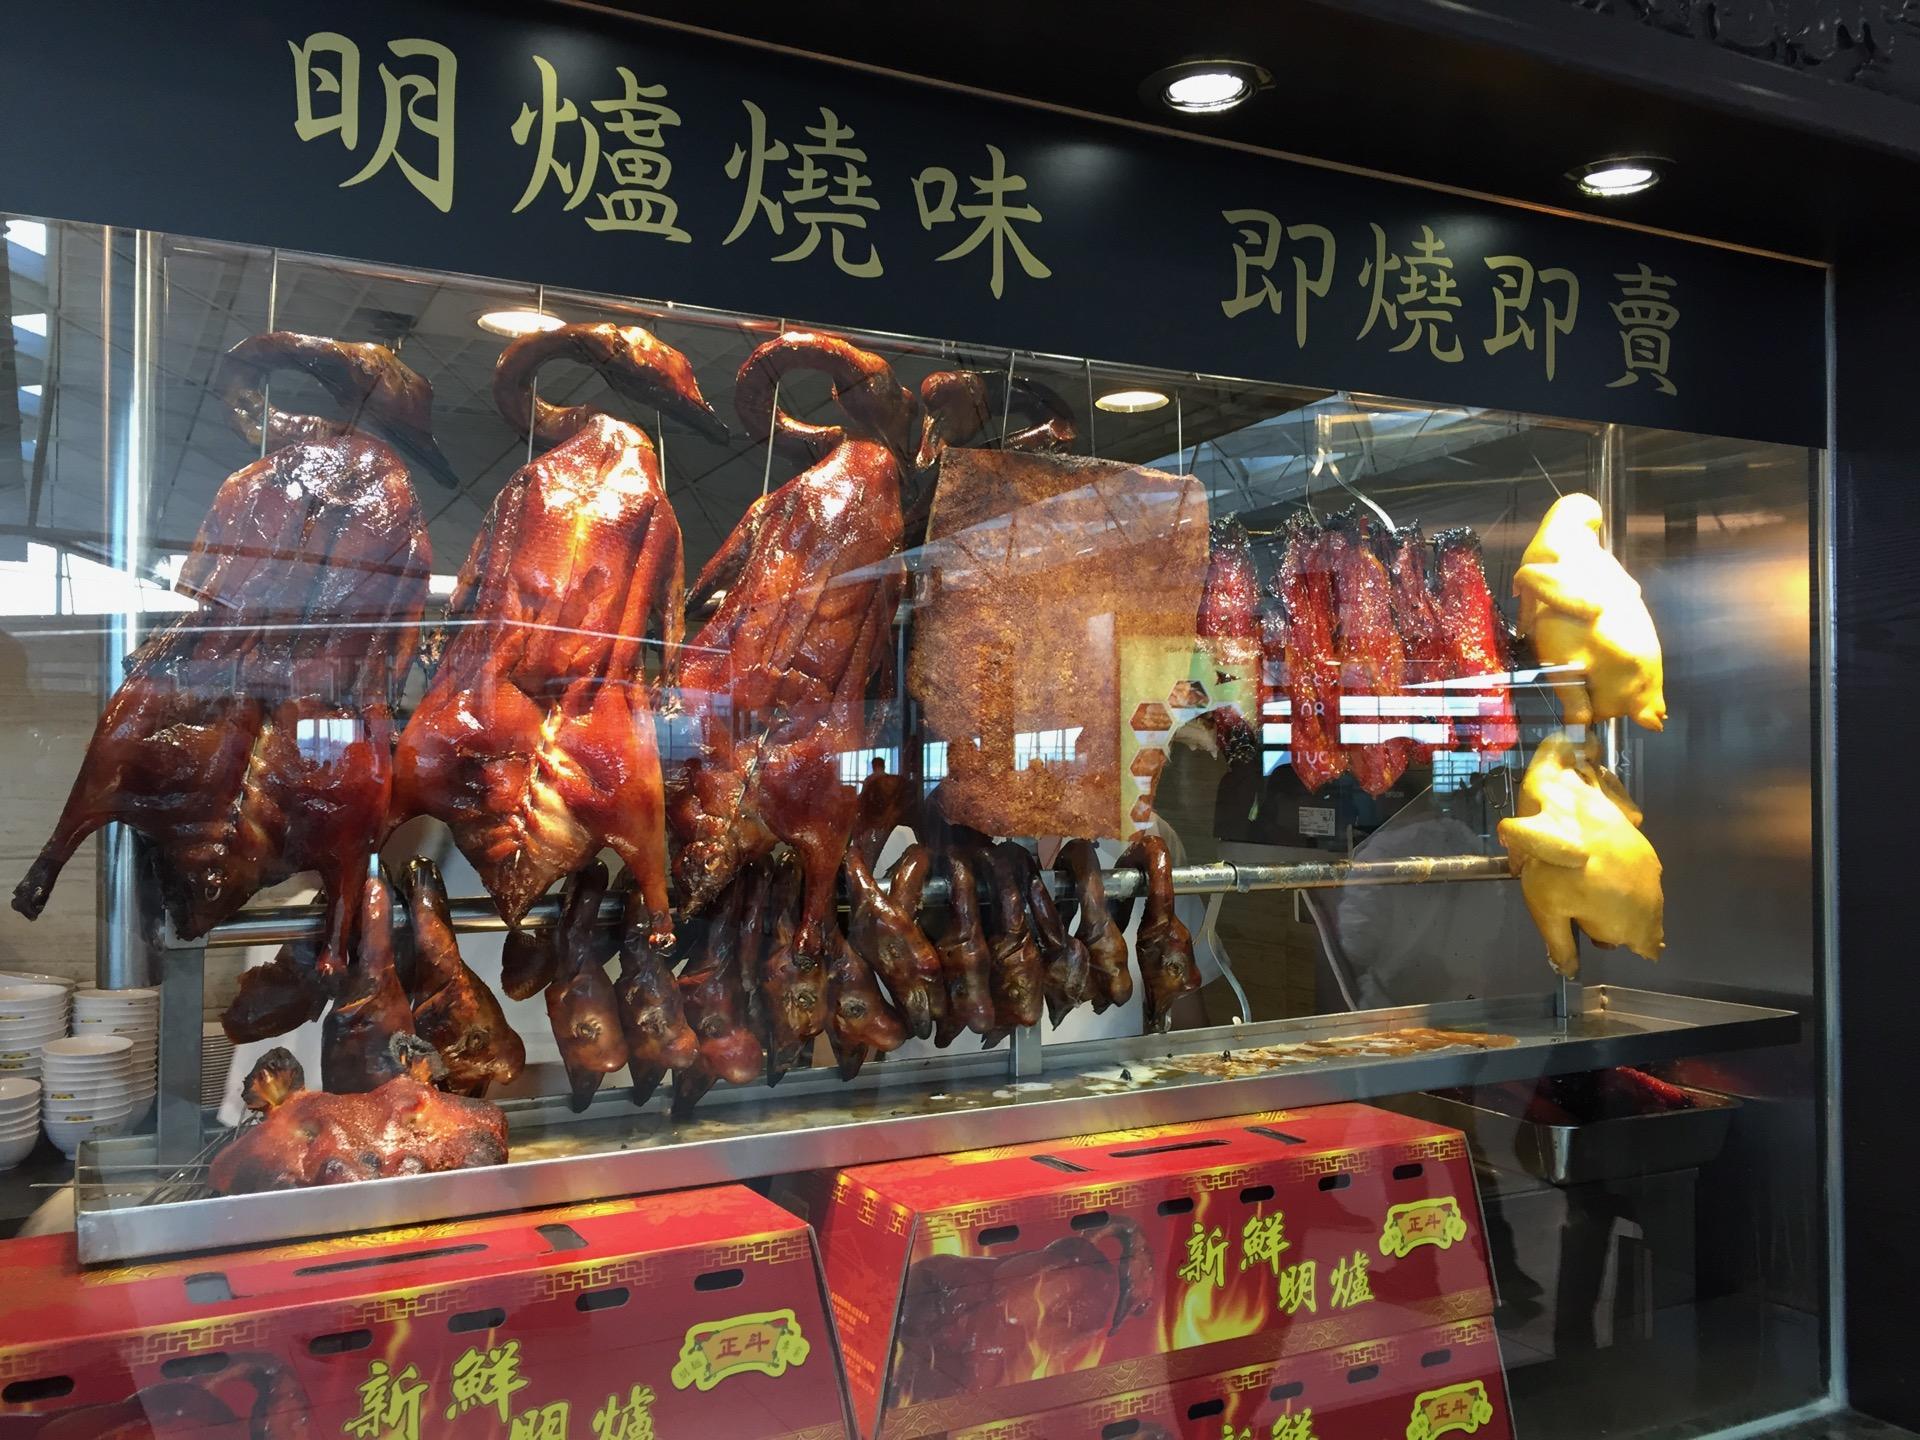 カテゴリー: 中近東料理